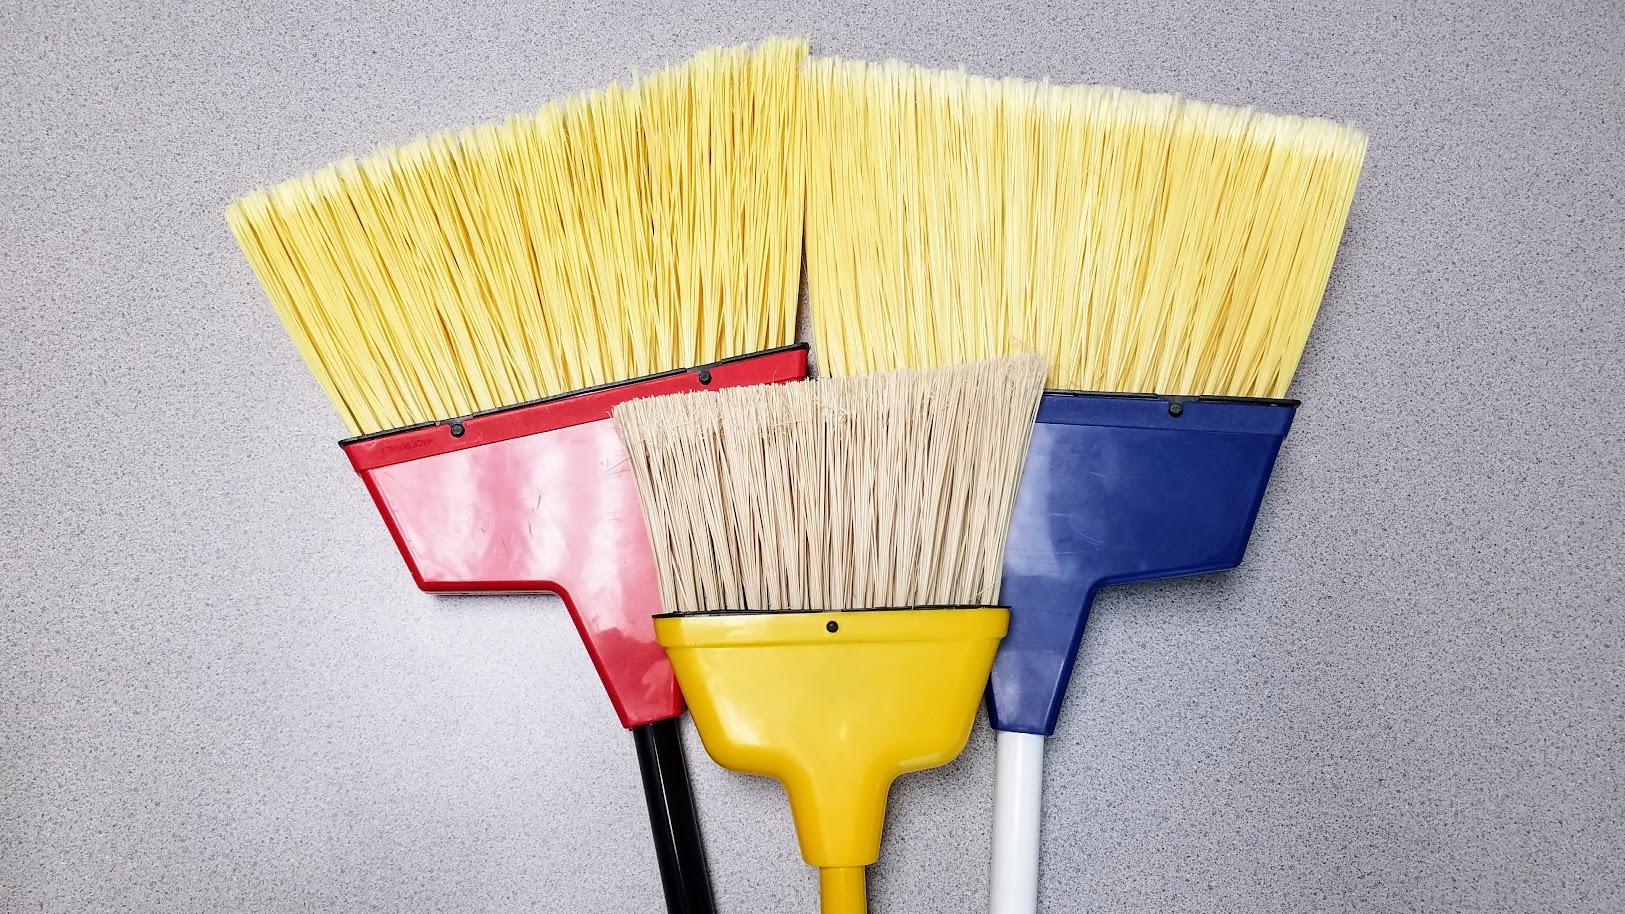 angle_brooms.jpg